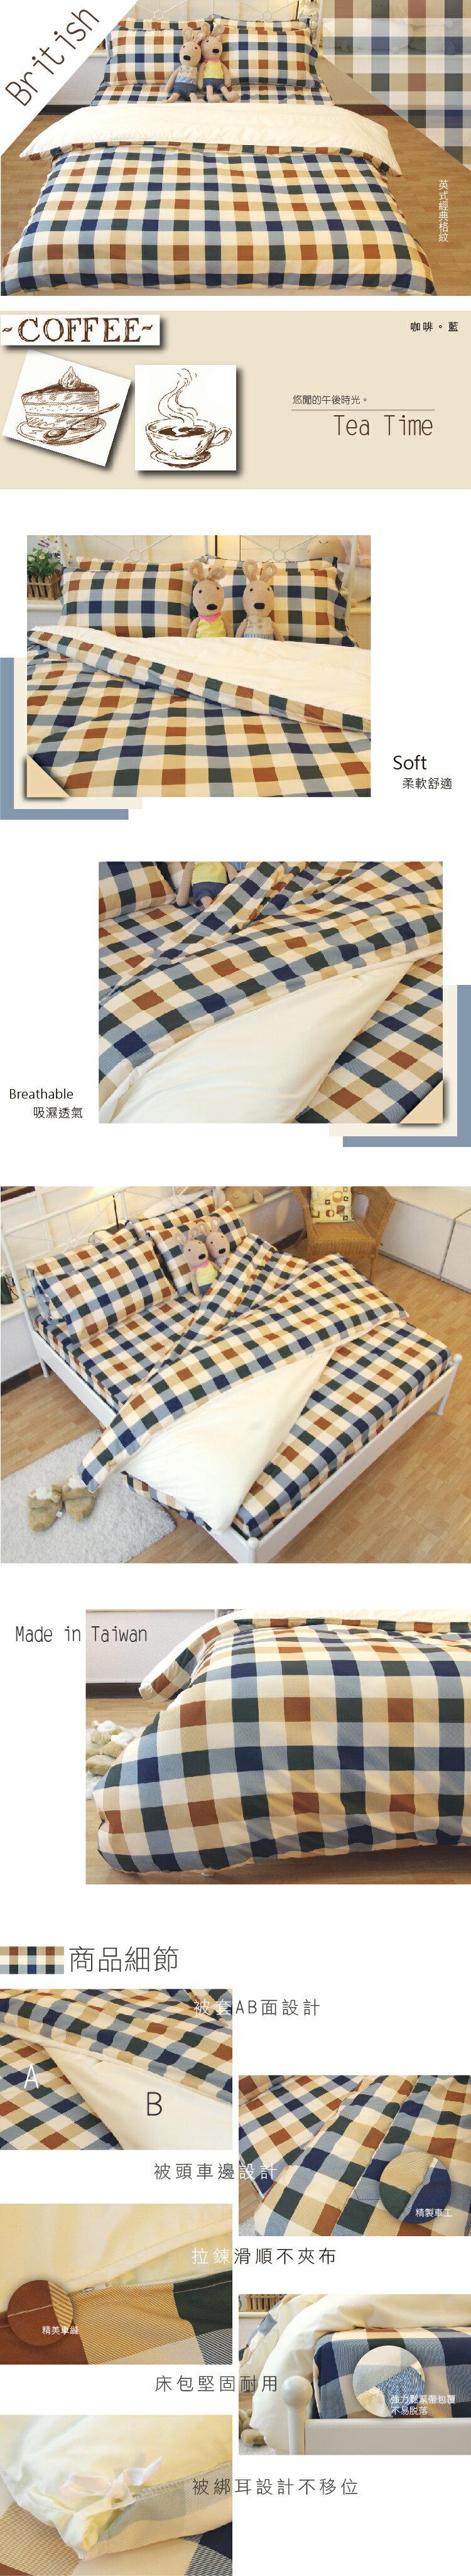 雙人床包被套四件組 英式格紋 #咖啡藍 #豆粉藍【精典格紋、觸感升級、SGS檢驗通過】 # 寢國寢城 6